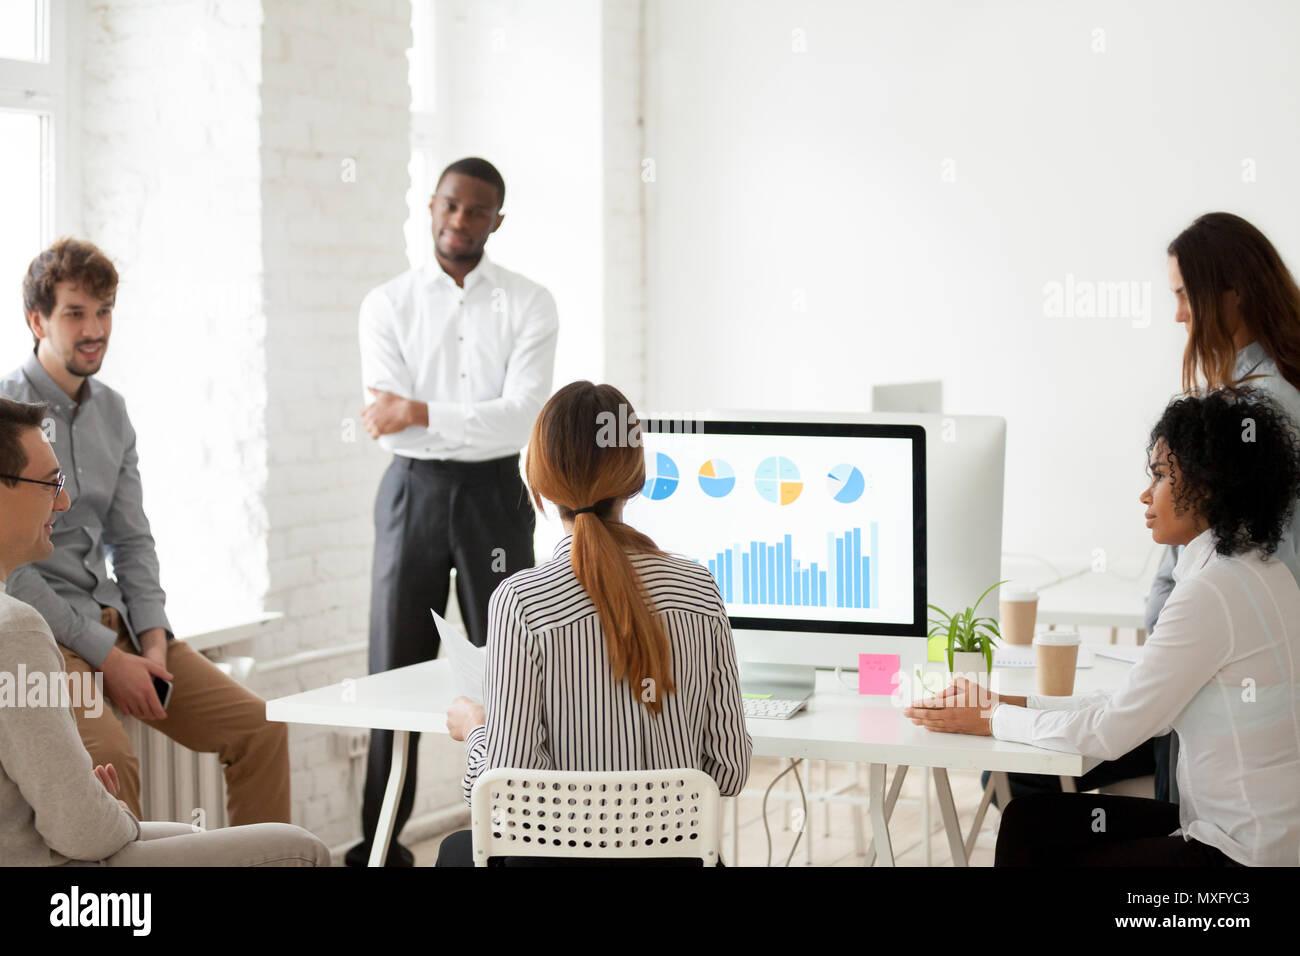 Weibliches team leader im Gespräch mit Kollegen über Neues Projekt Stockbild